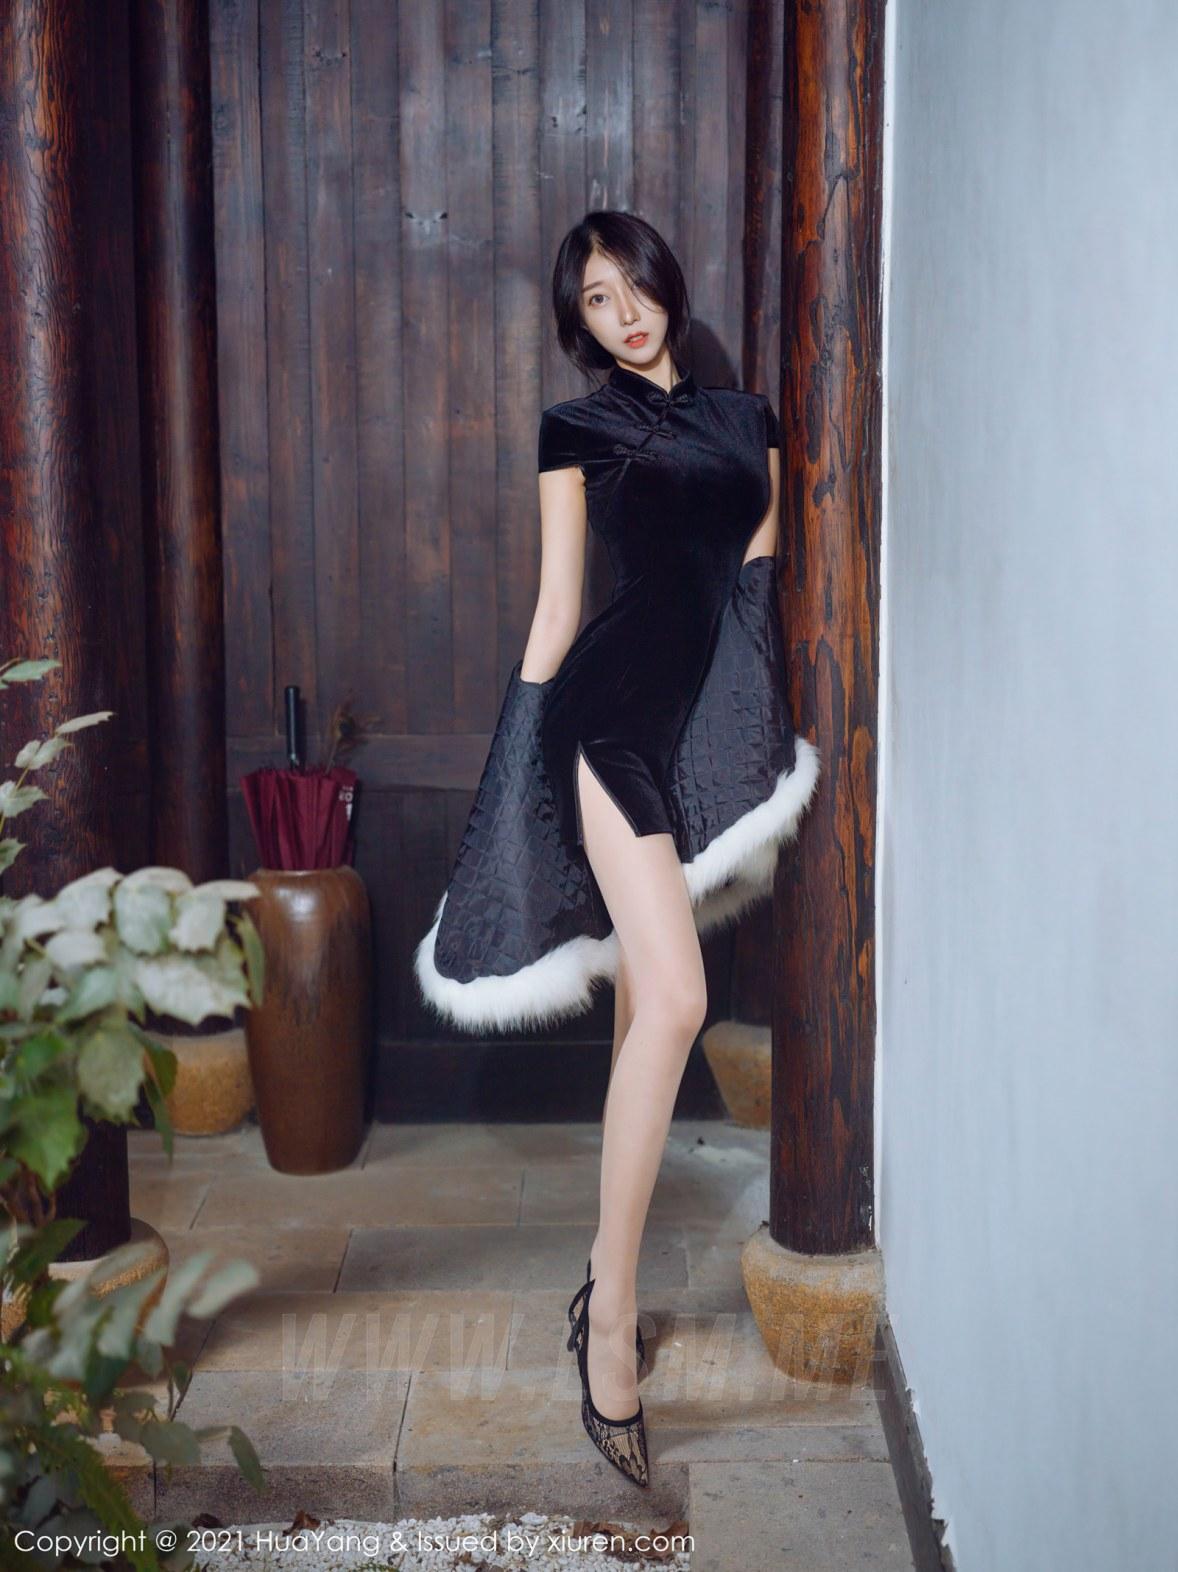 HuaYang 花漾show Vol.353 典雅韵味旗袍  玥儿玥er  杭州旅拍 - 3